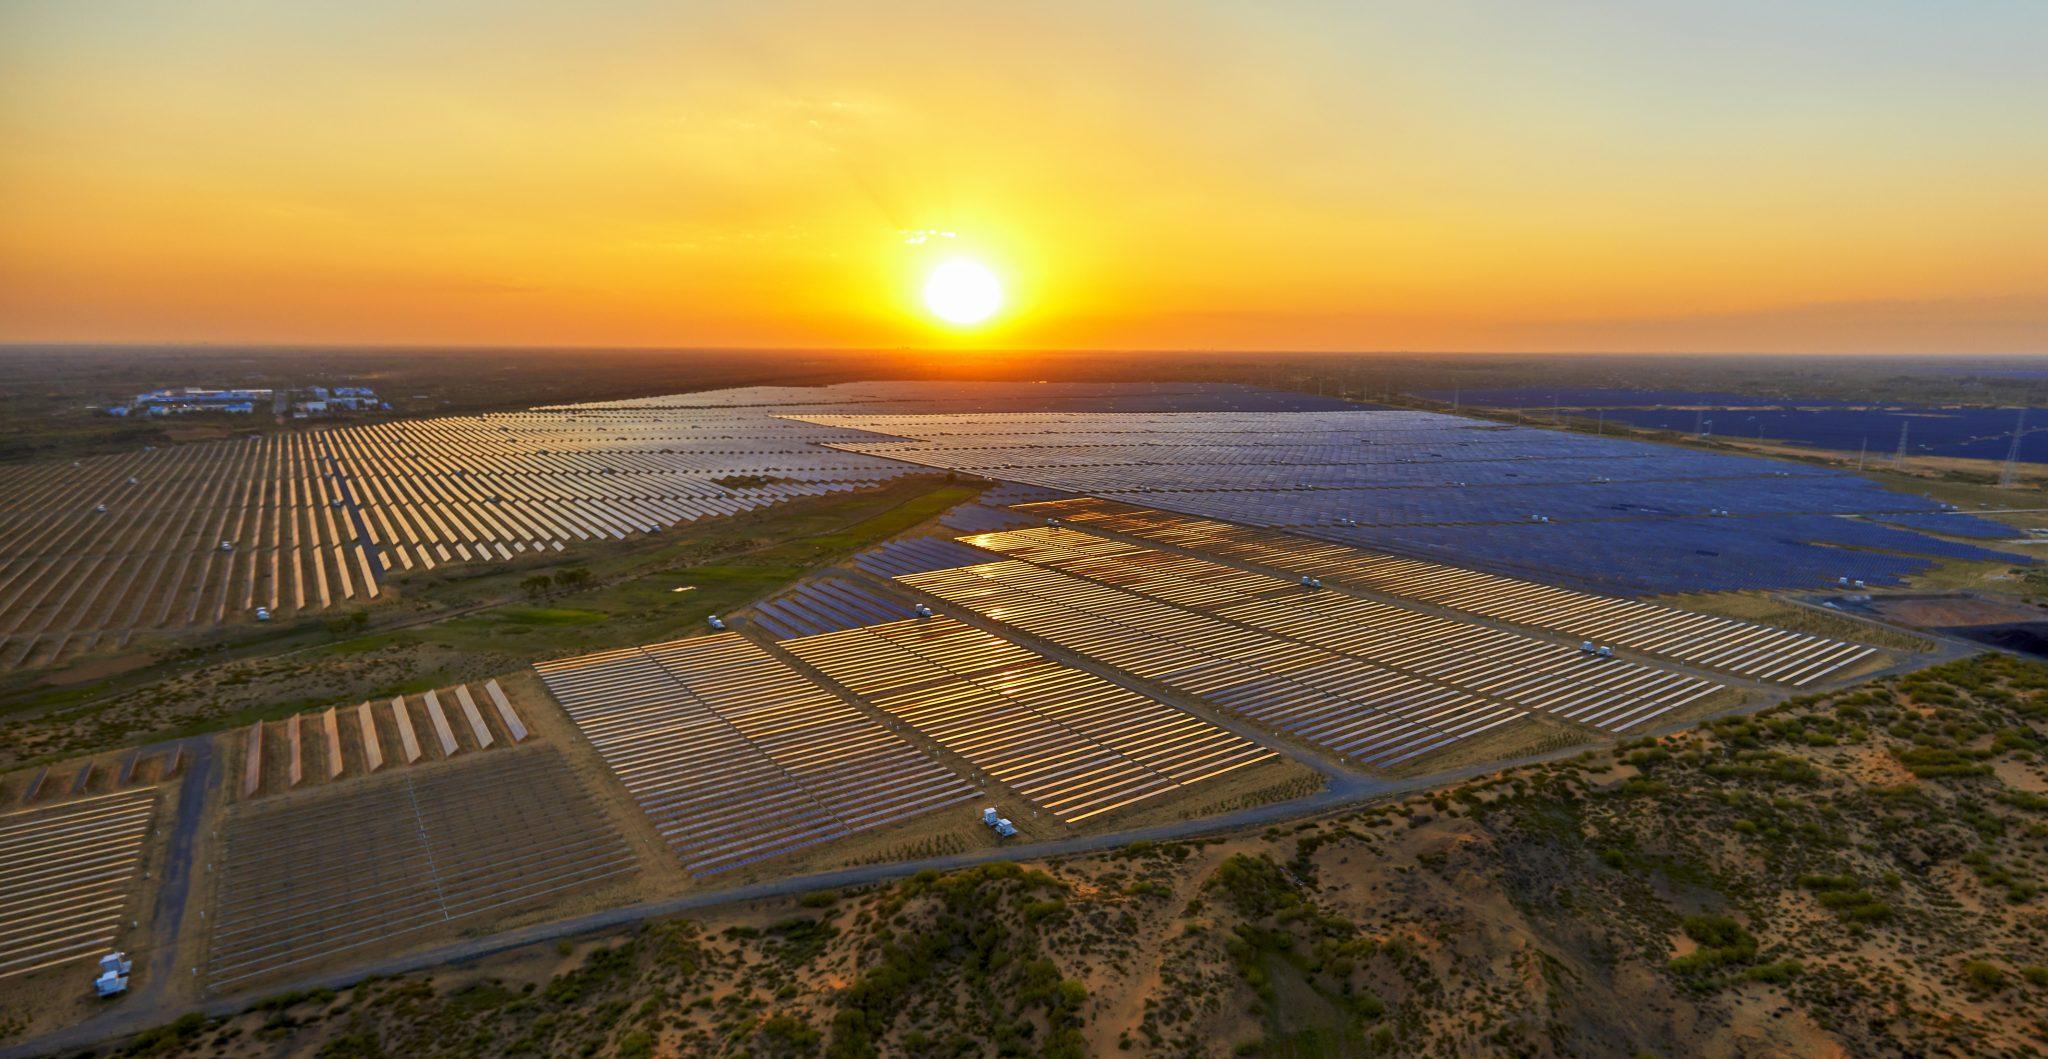 Conheça mais sobre as maiores usinas solares do mundo!